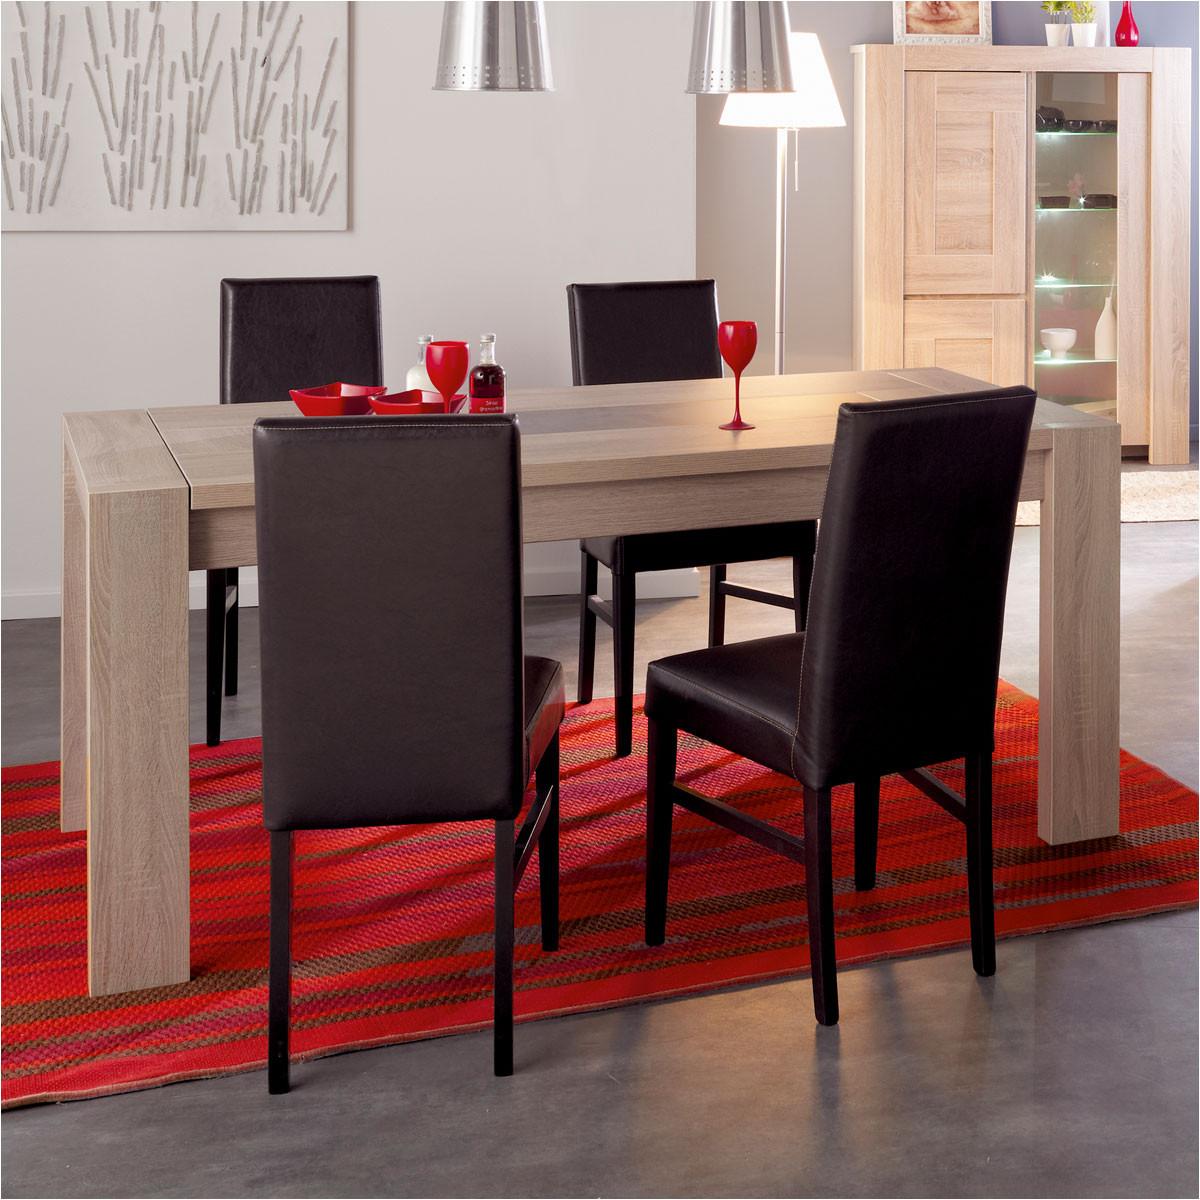 table l 240 cm buffet lubjana table pas cher auchan ventes pas. Black Bedroom Furniture Sets. Home Design Ideas